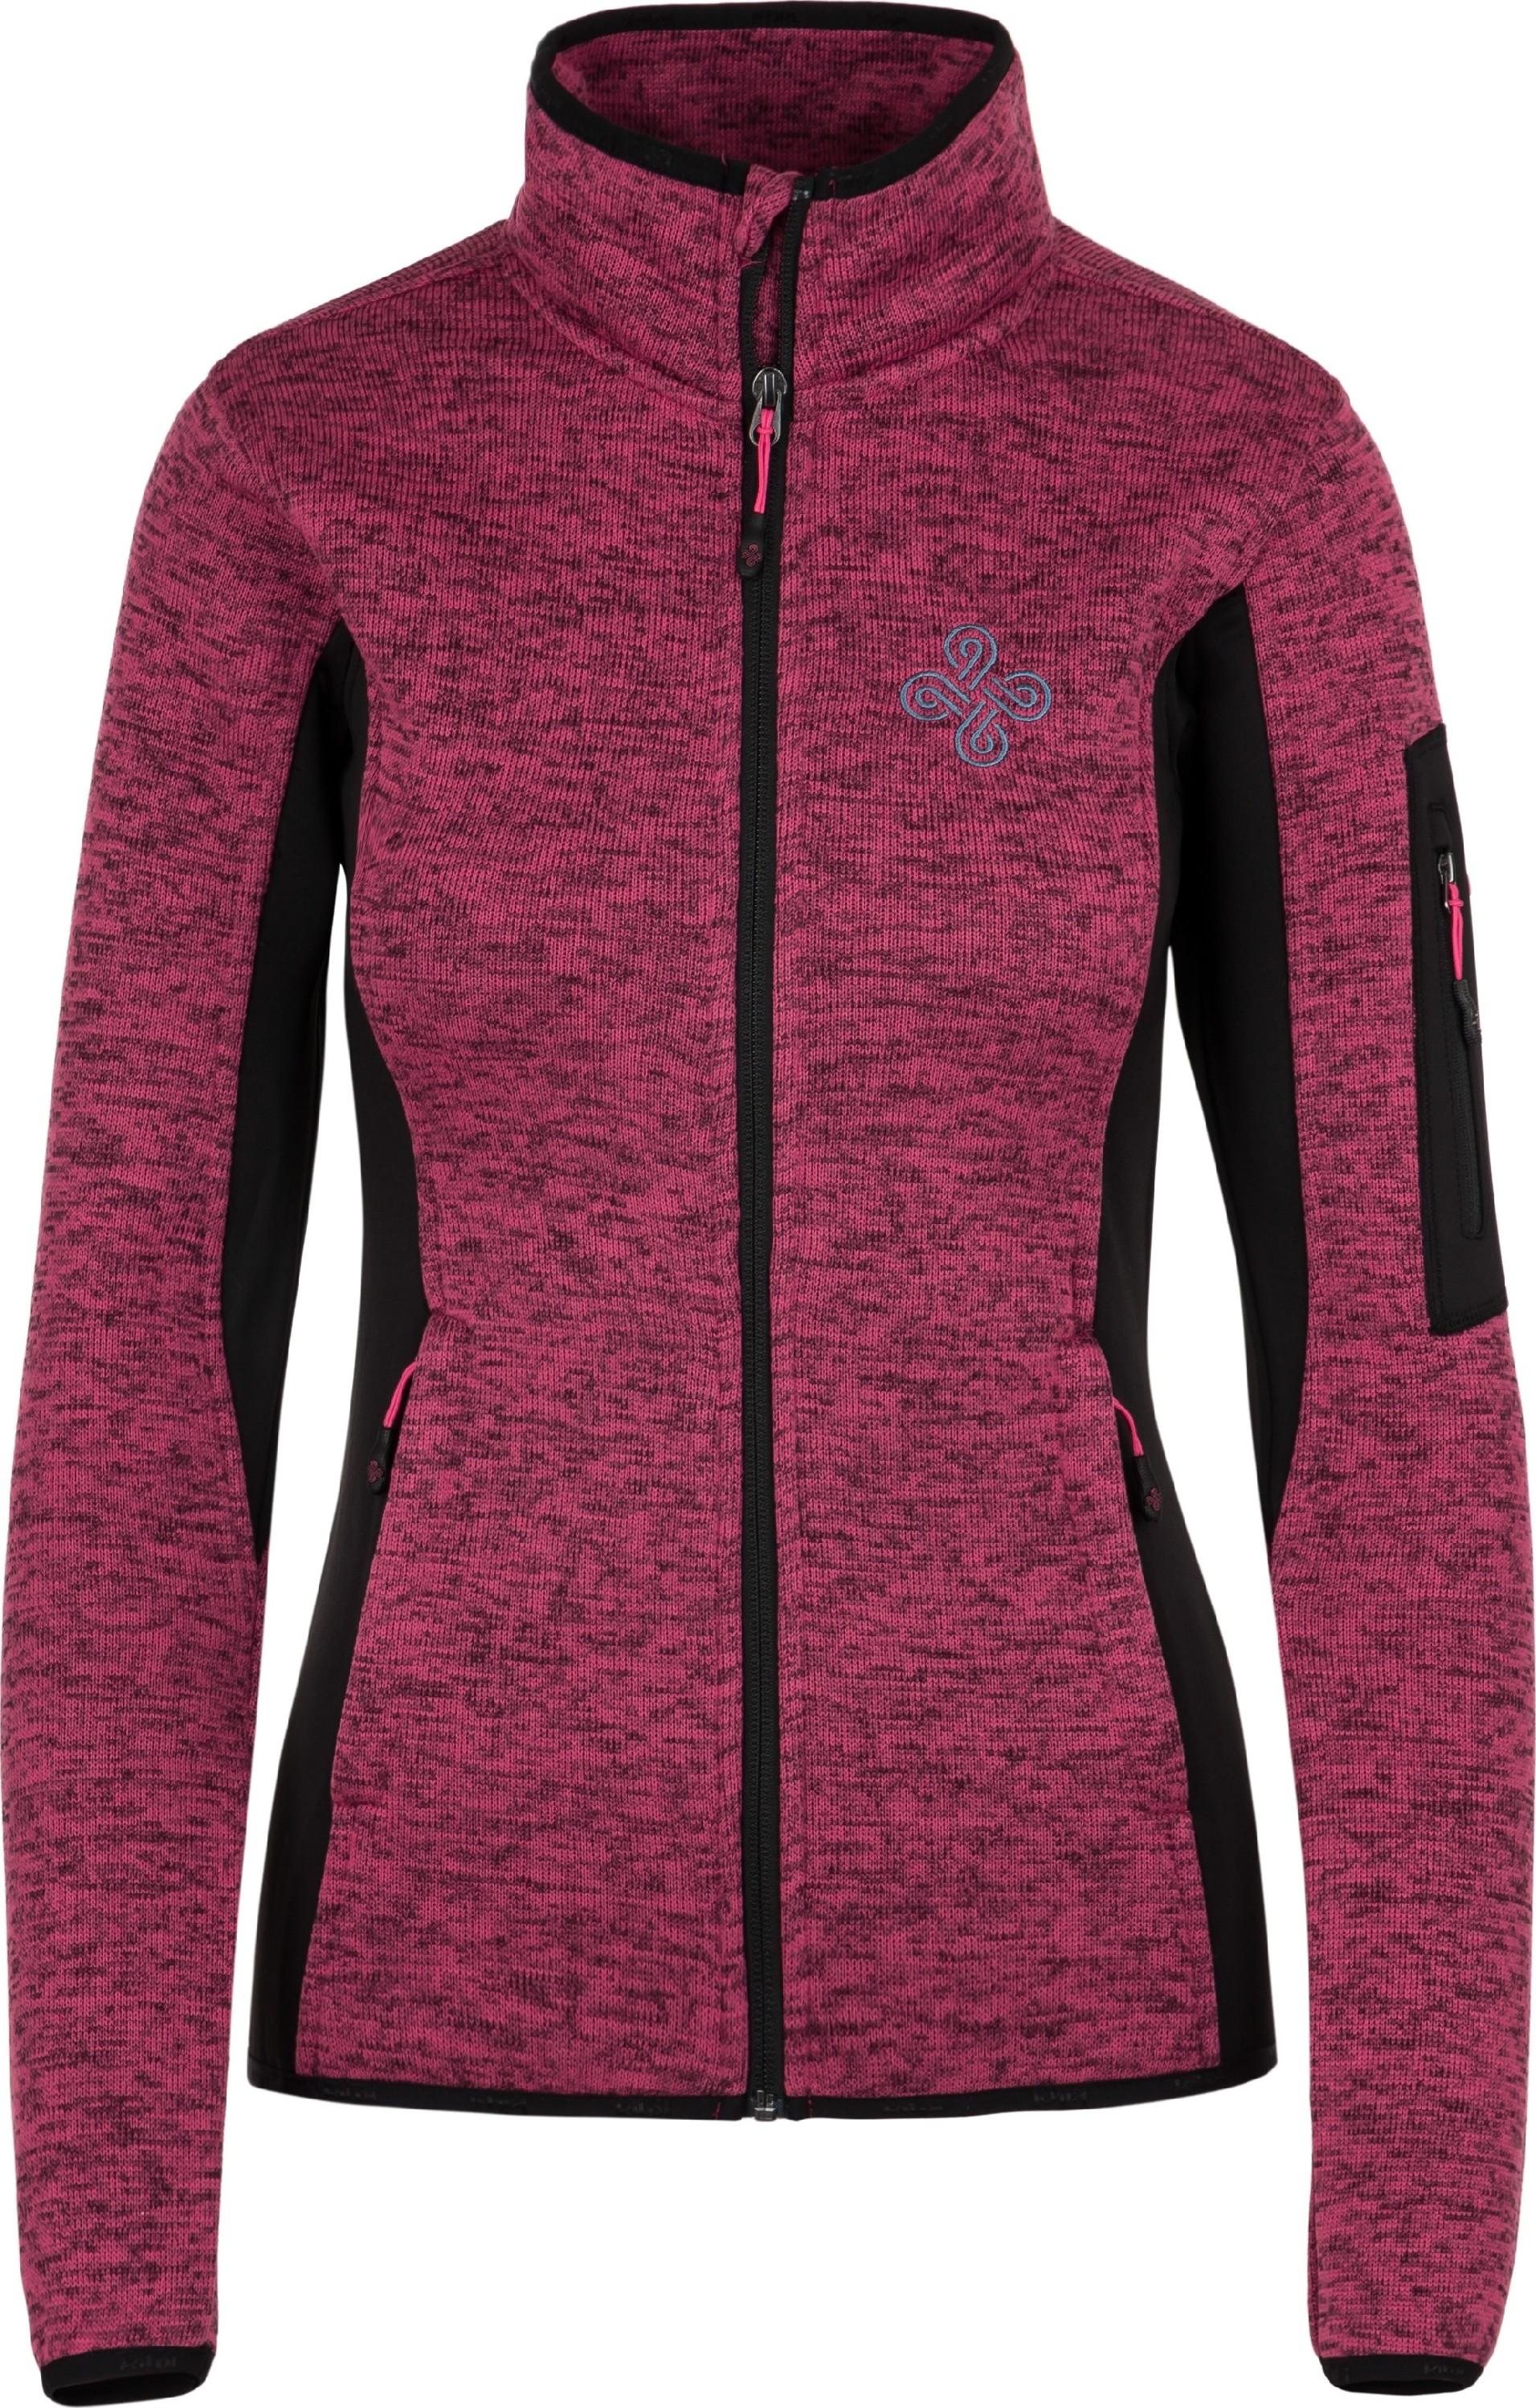 Dámská fleecová mikina KILPI RIGANA-W Růžová 18 Barva: Růžová, Velikost: 34